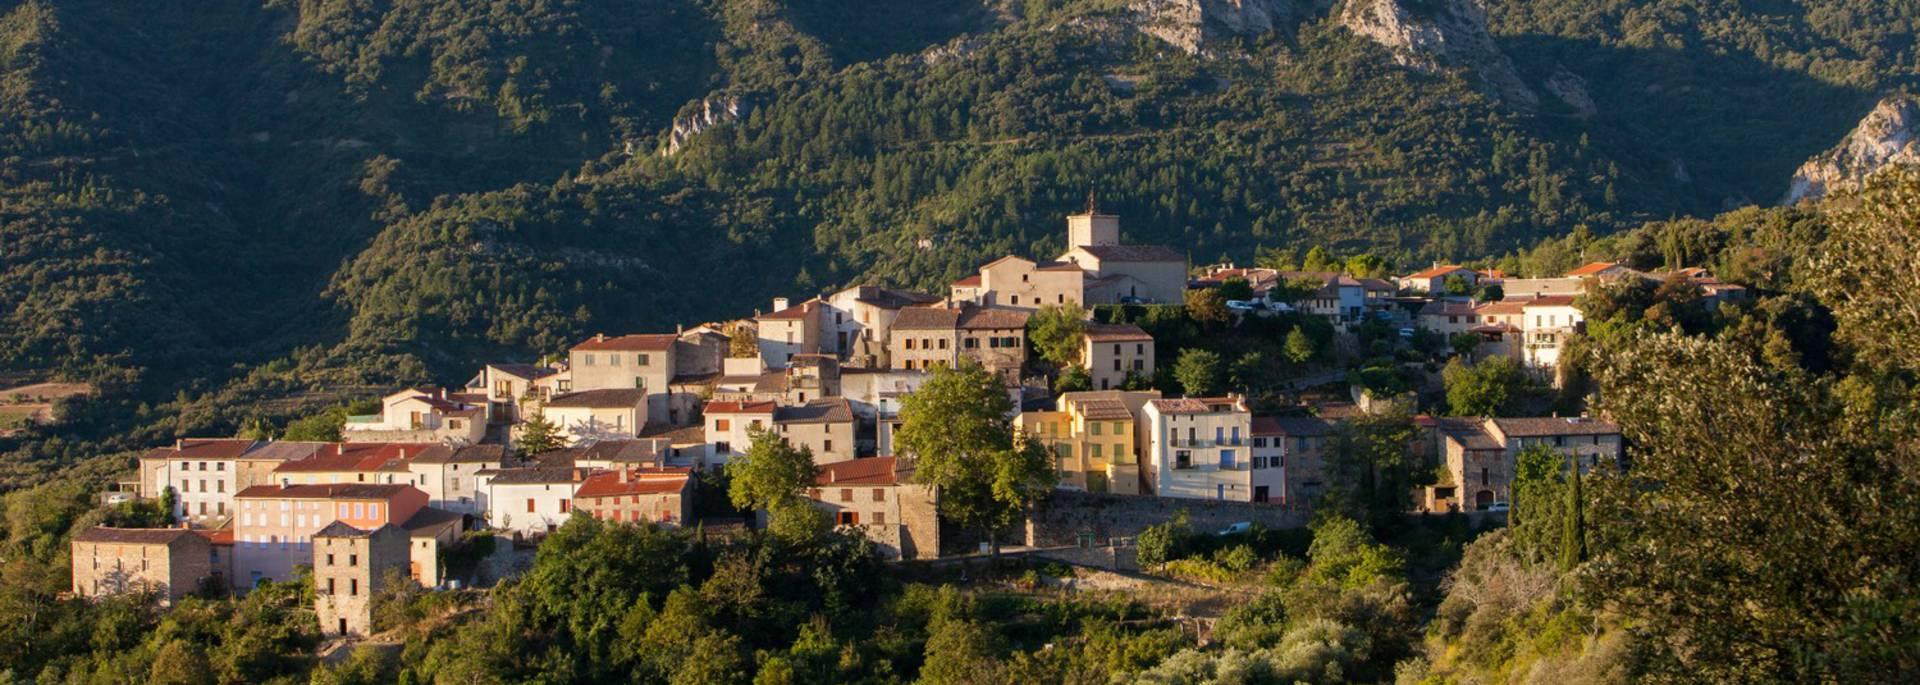 Le village de Duilhac-sous-Peyrepertuse